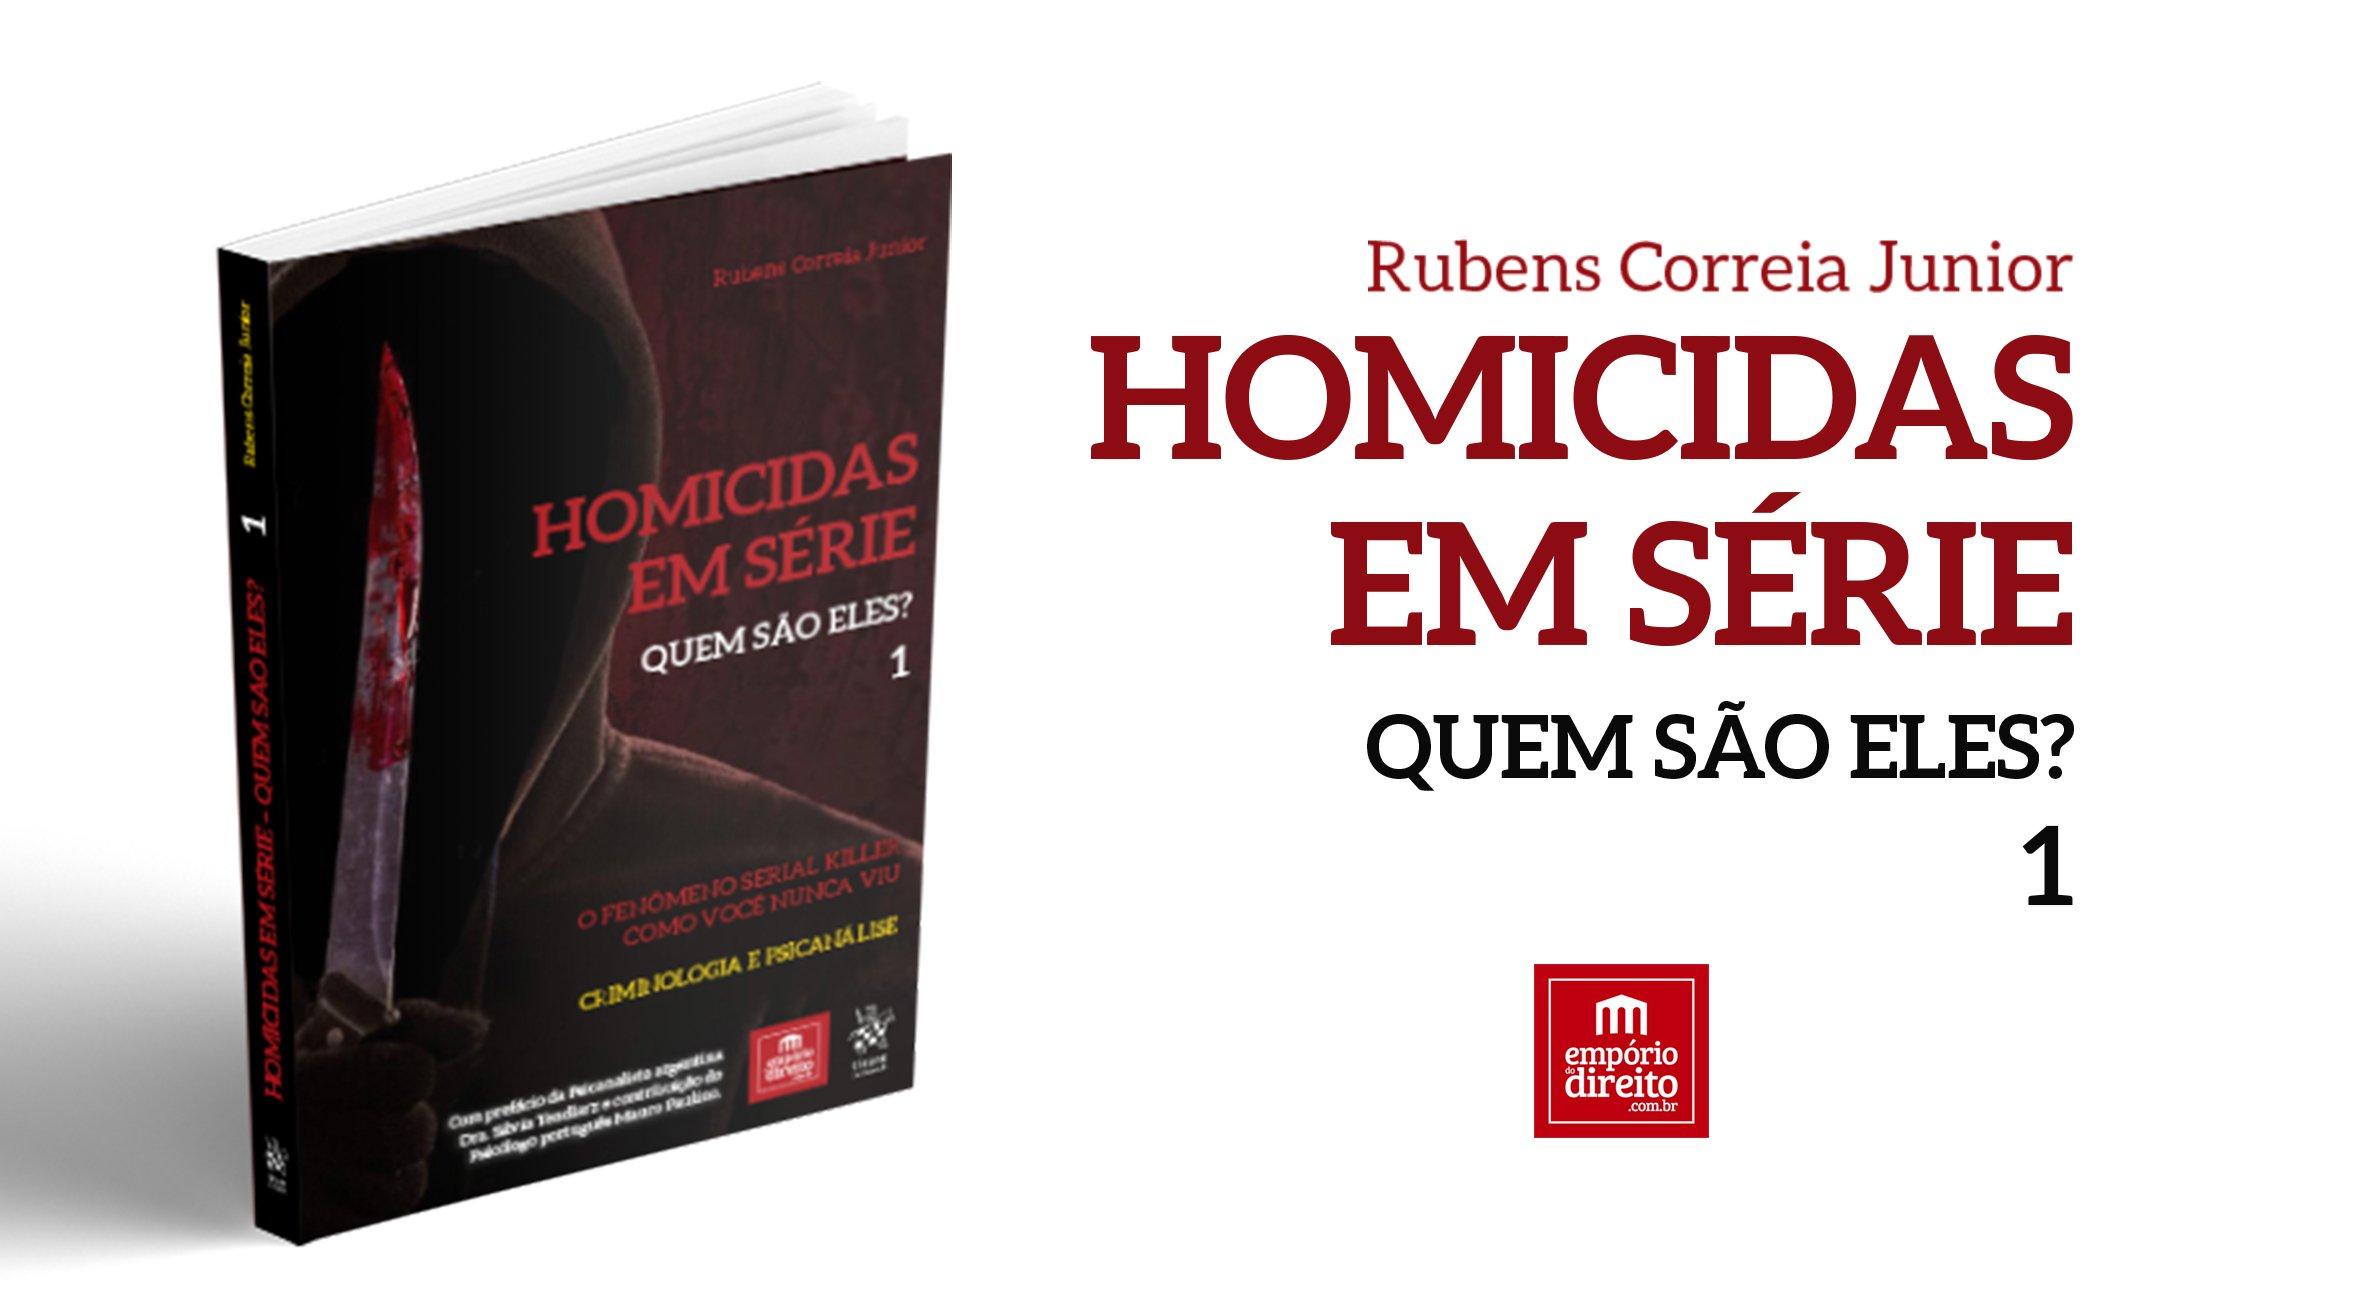 Lançamento: Homicidas em Série, vol. 1, de Rubens Correia Junior!